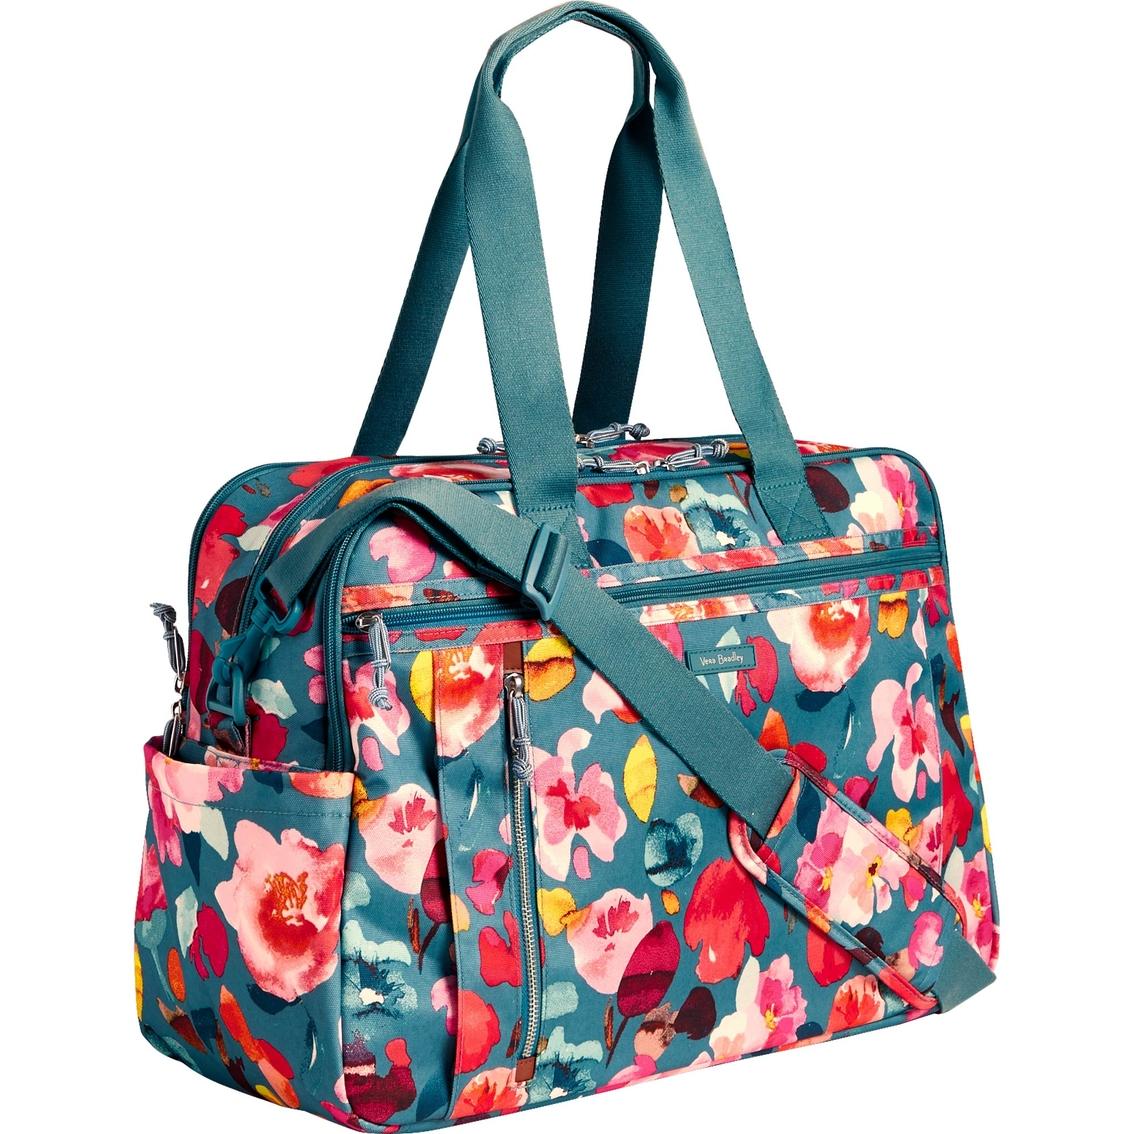 Vera Bradley Lighten Up Weekender Travel Bag bcaa68e60a234